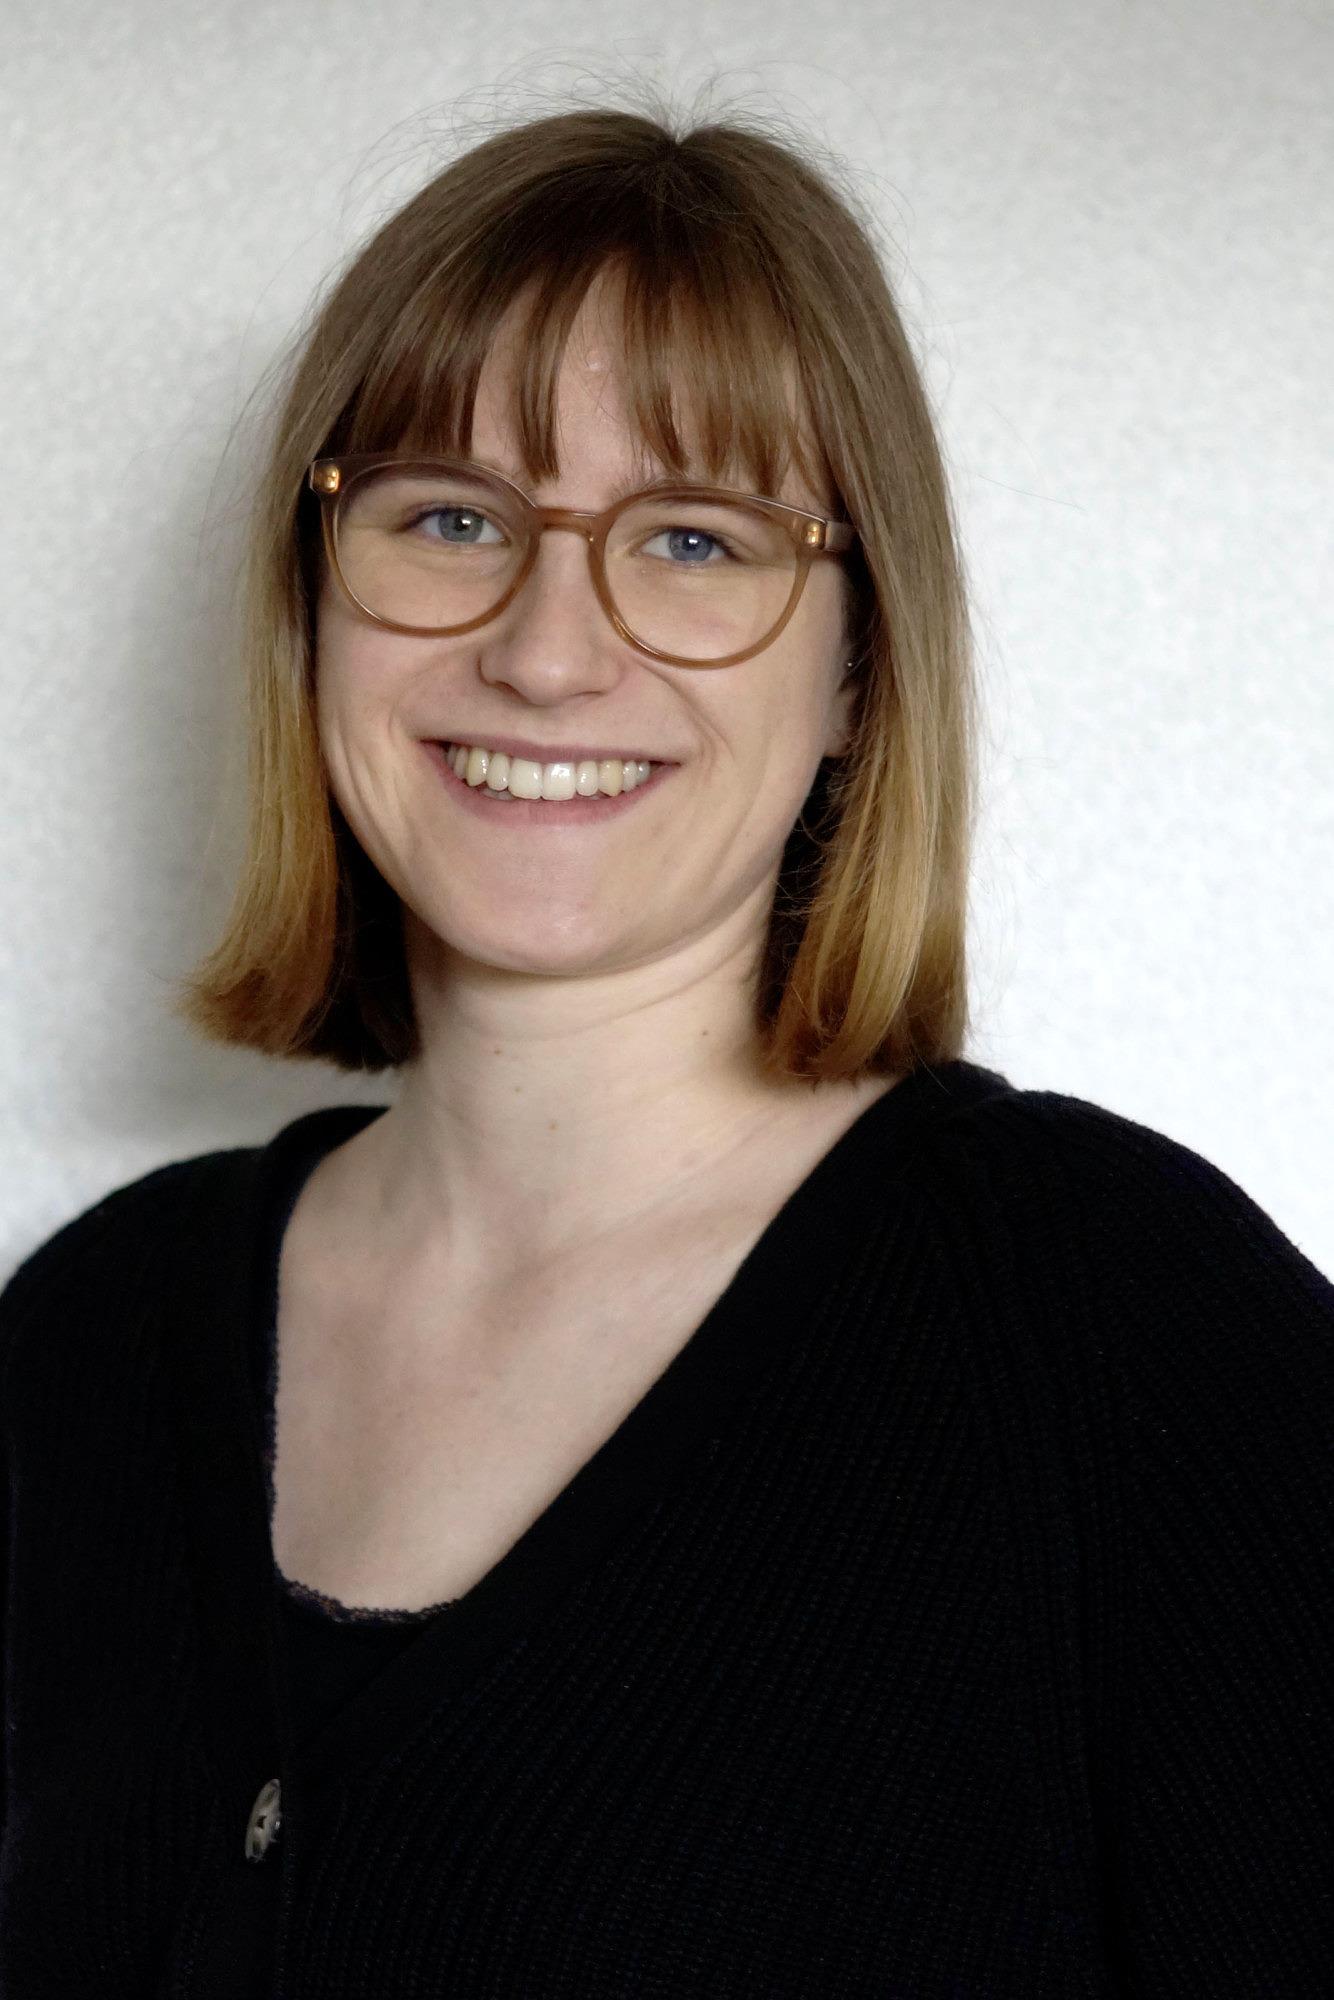 Milena Mühlmeister